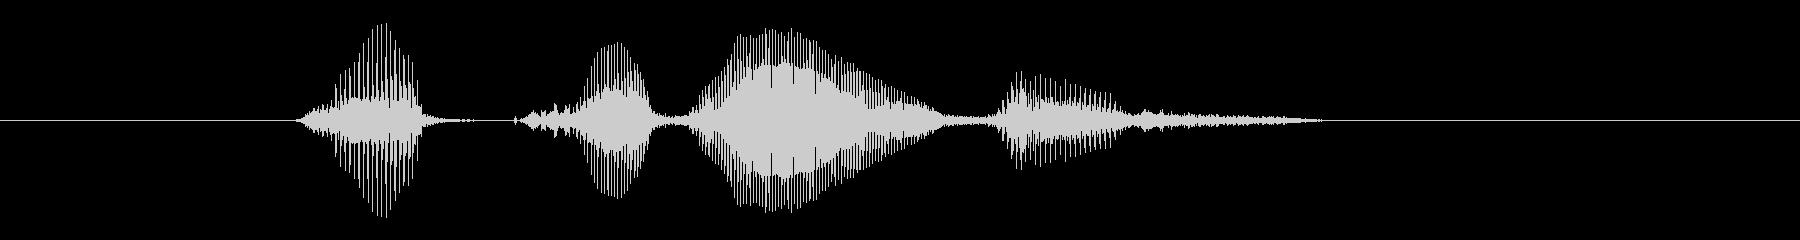 間違いですの未再生の波形